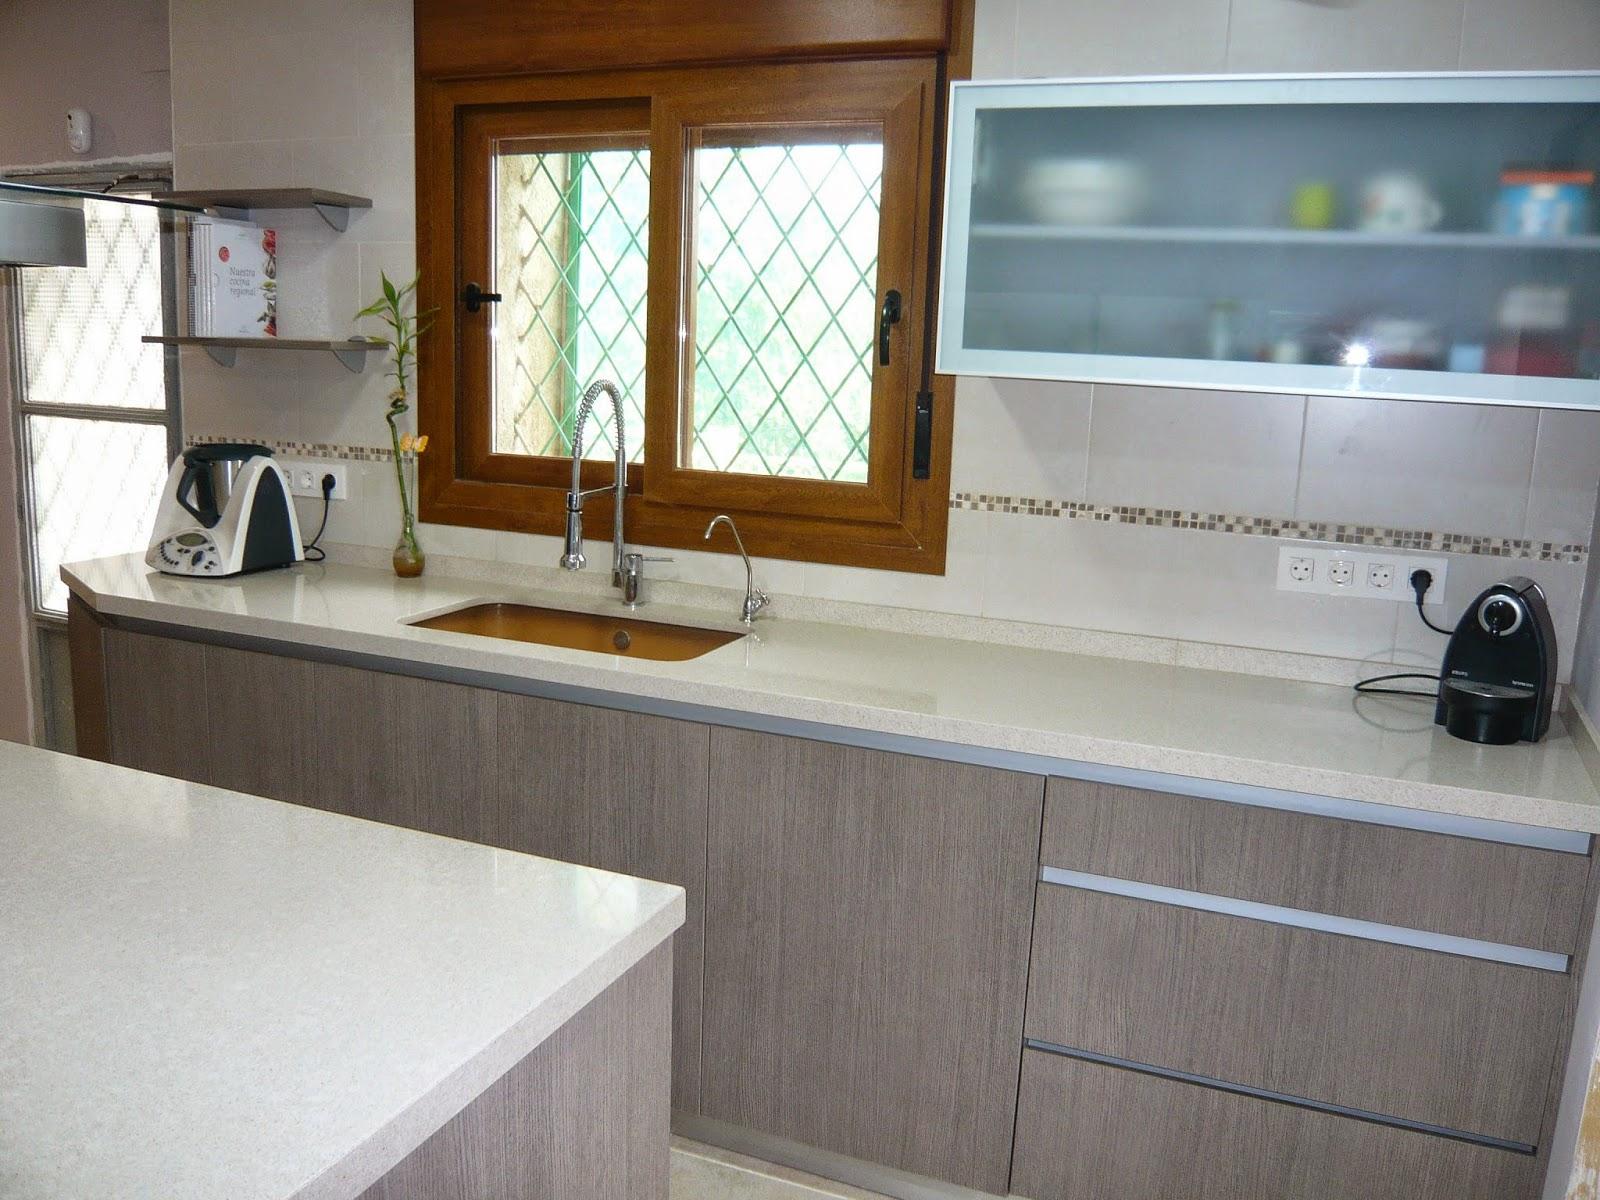 Reuscuina muebles de cocina sin tiradores y con isla for Muebles de cocina sin tiradores